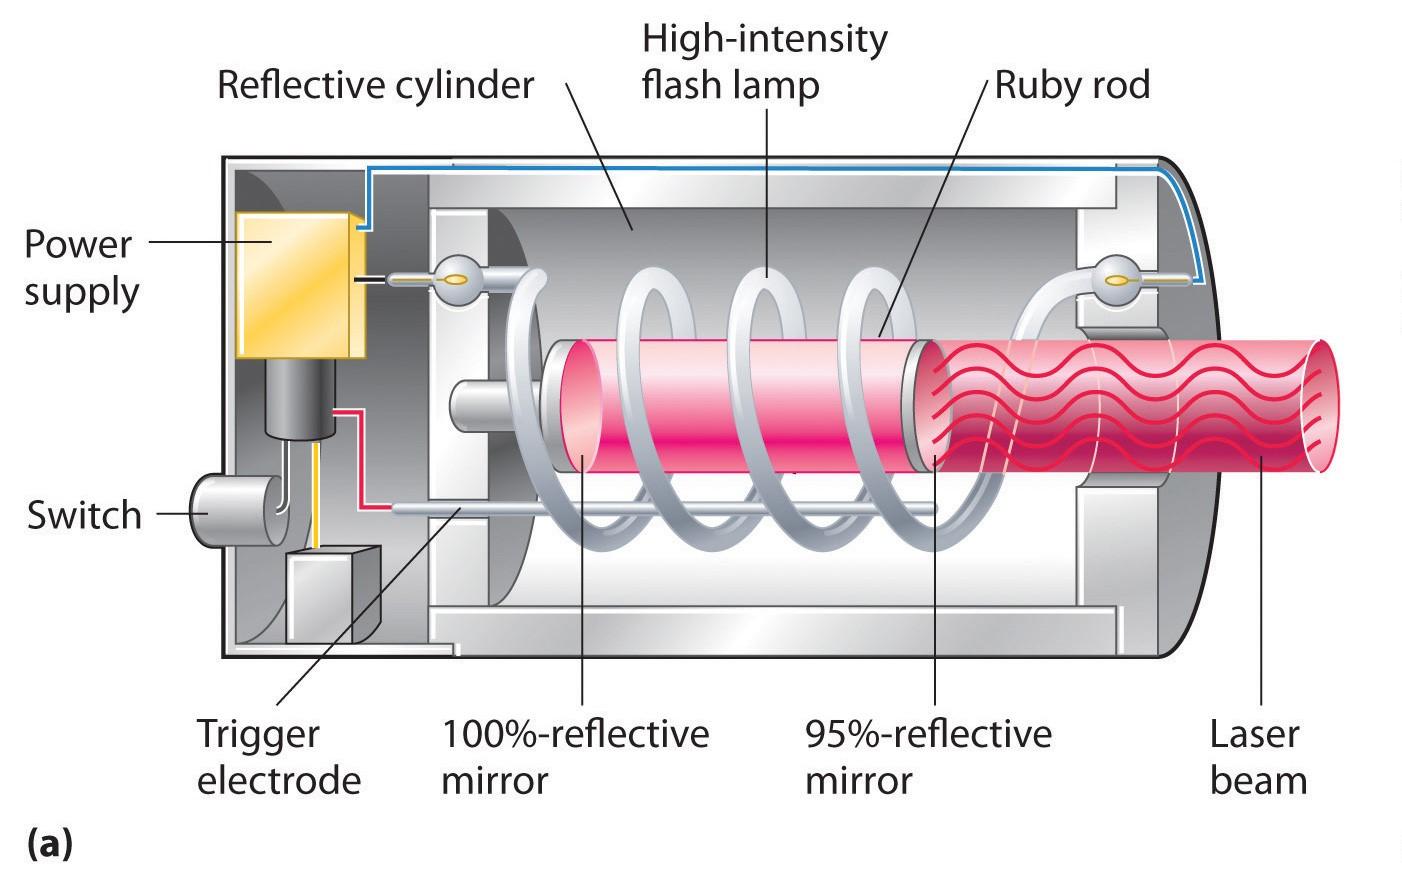 برای تولید نور توسط دستگاه لیزر مراحل زیر به ترتیب رخ خواهند داد: